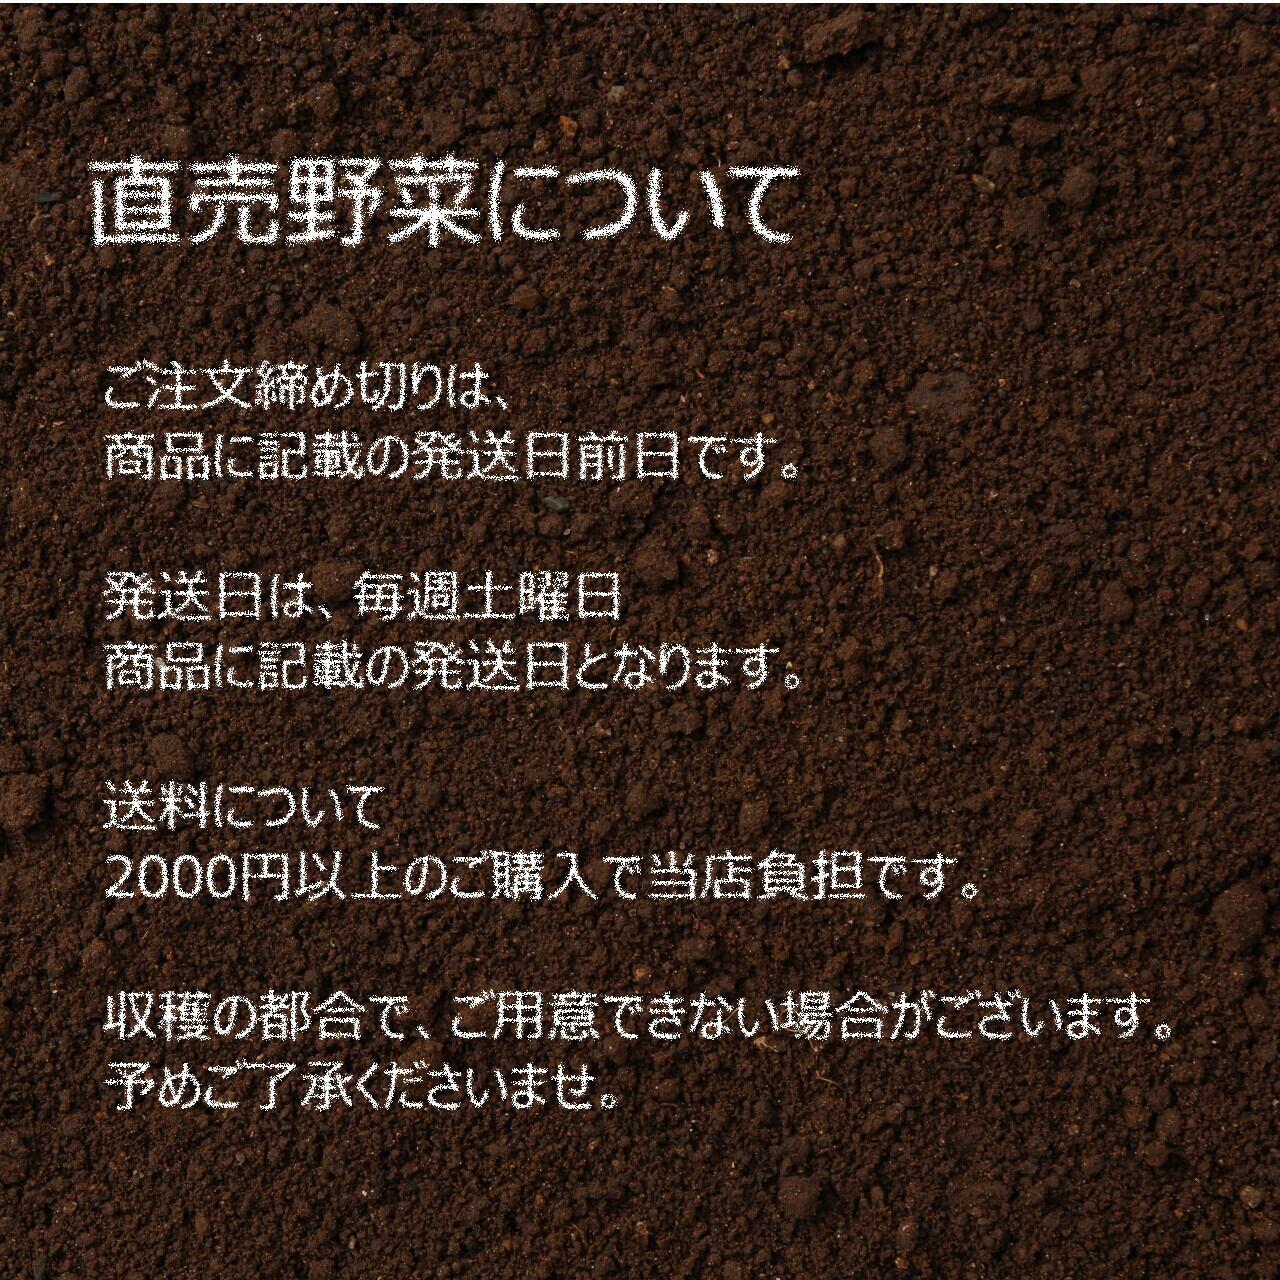 8月の朝採り直売野菜 :  ネギ 3~4本 新鮮な夏野菜 8月8日発送予定